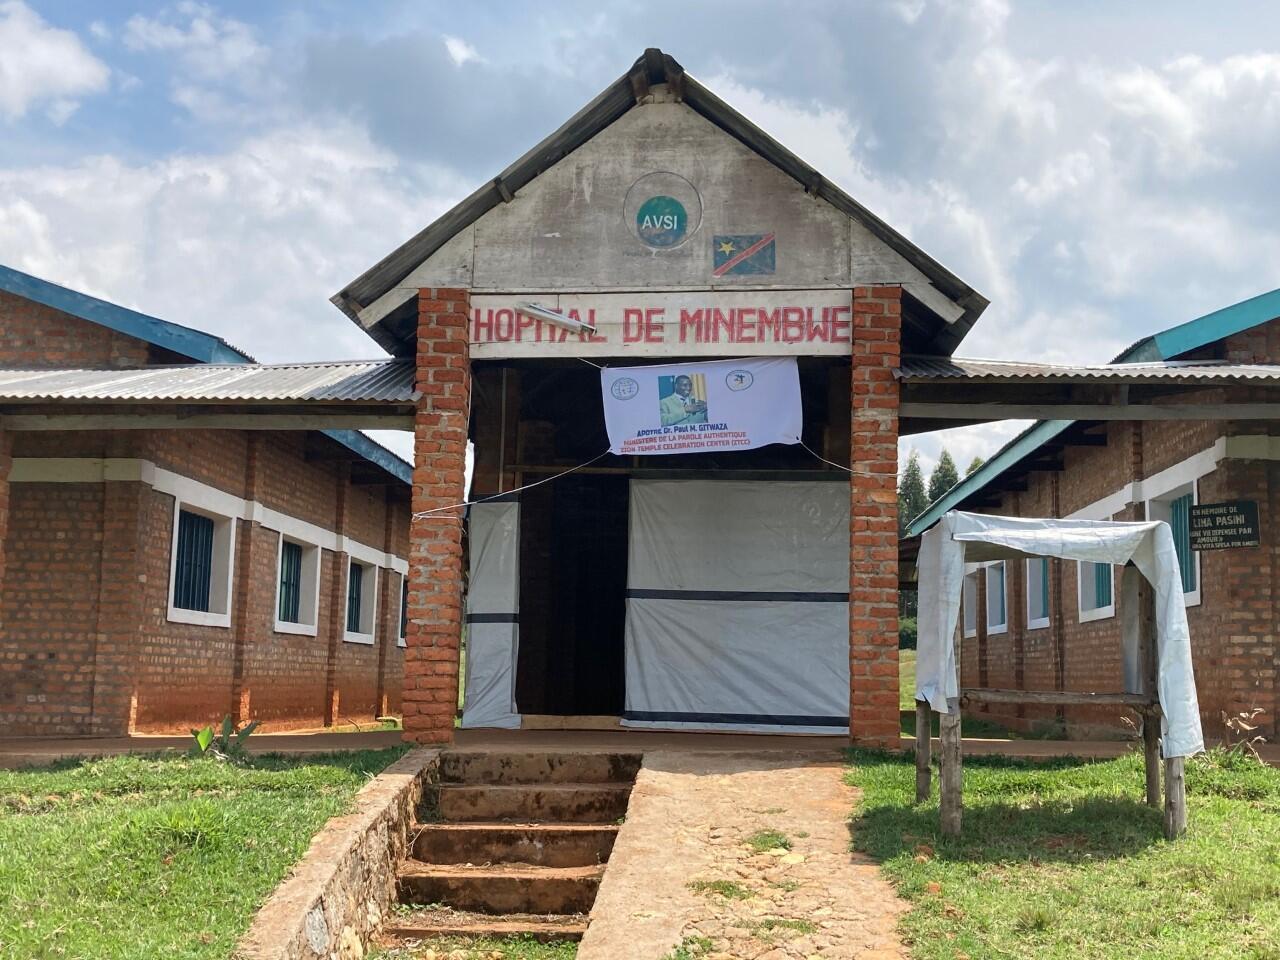 En RDC, l'hôpital de Minembwe peine à accueillir les patients de sa zone de santé.